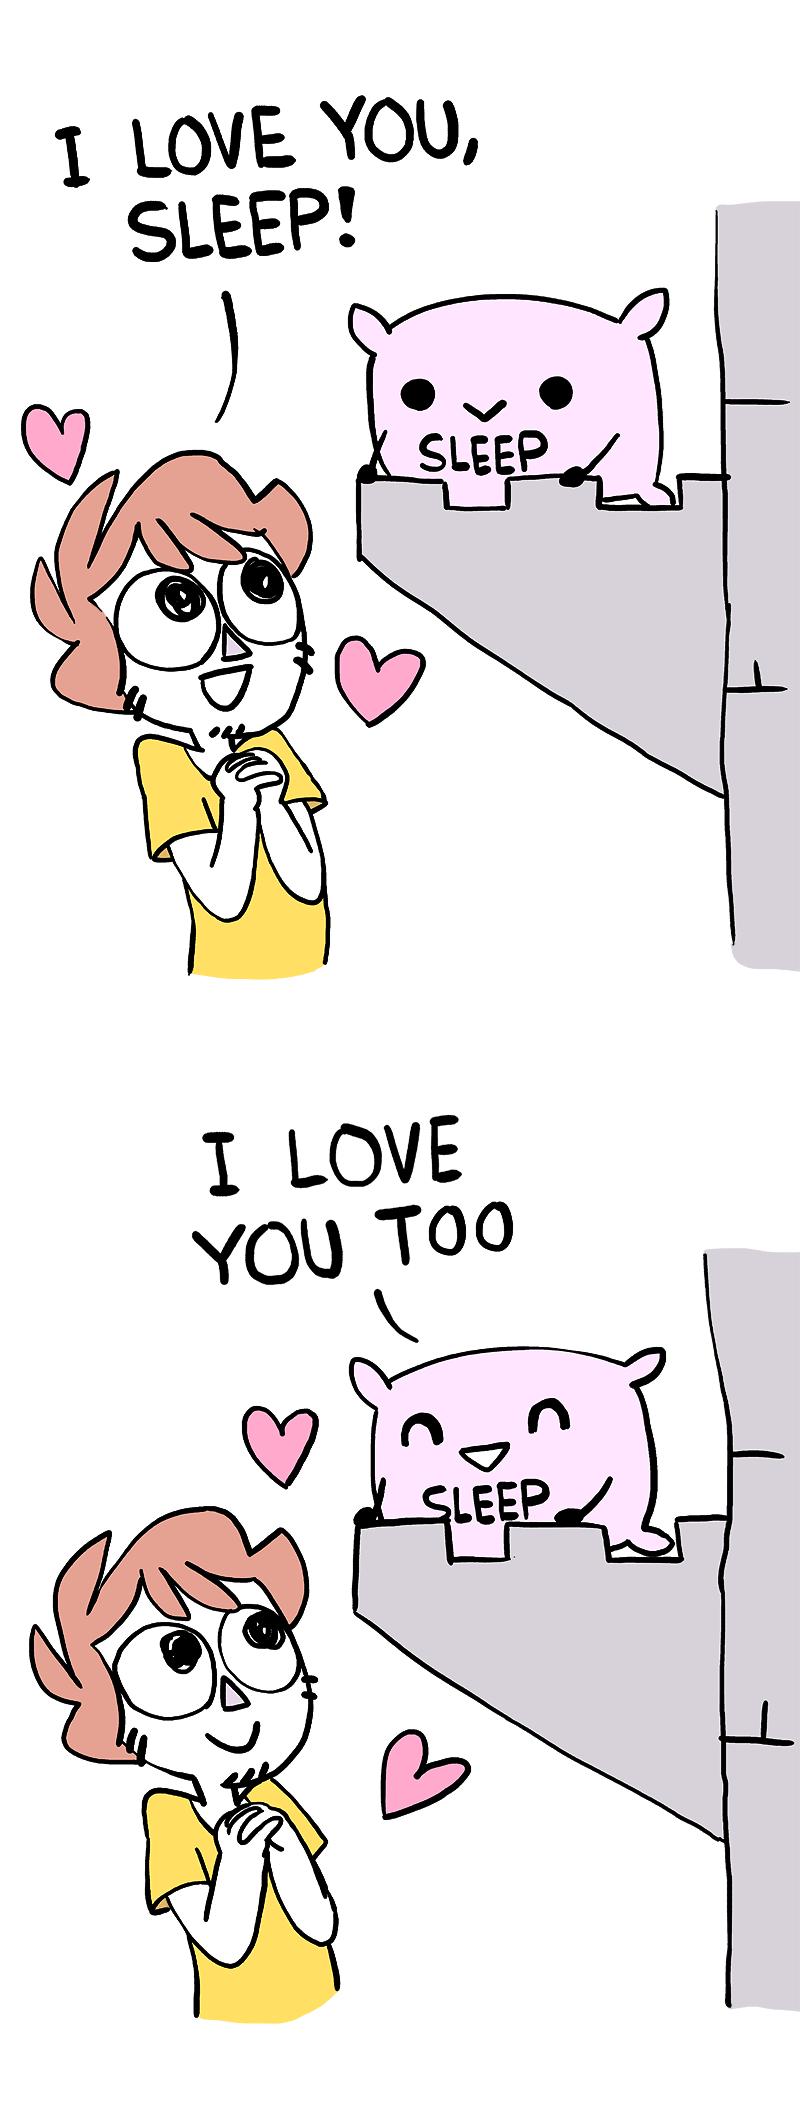 Cartoon - I LOVE YOU, SLEEP! SLEEP I LOVE YOU TOO SLEEP